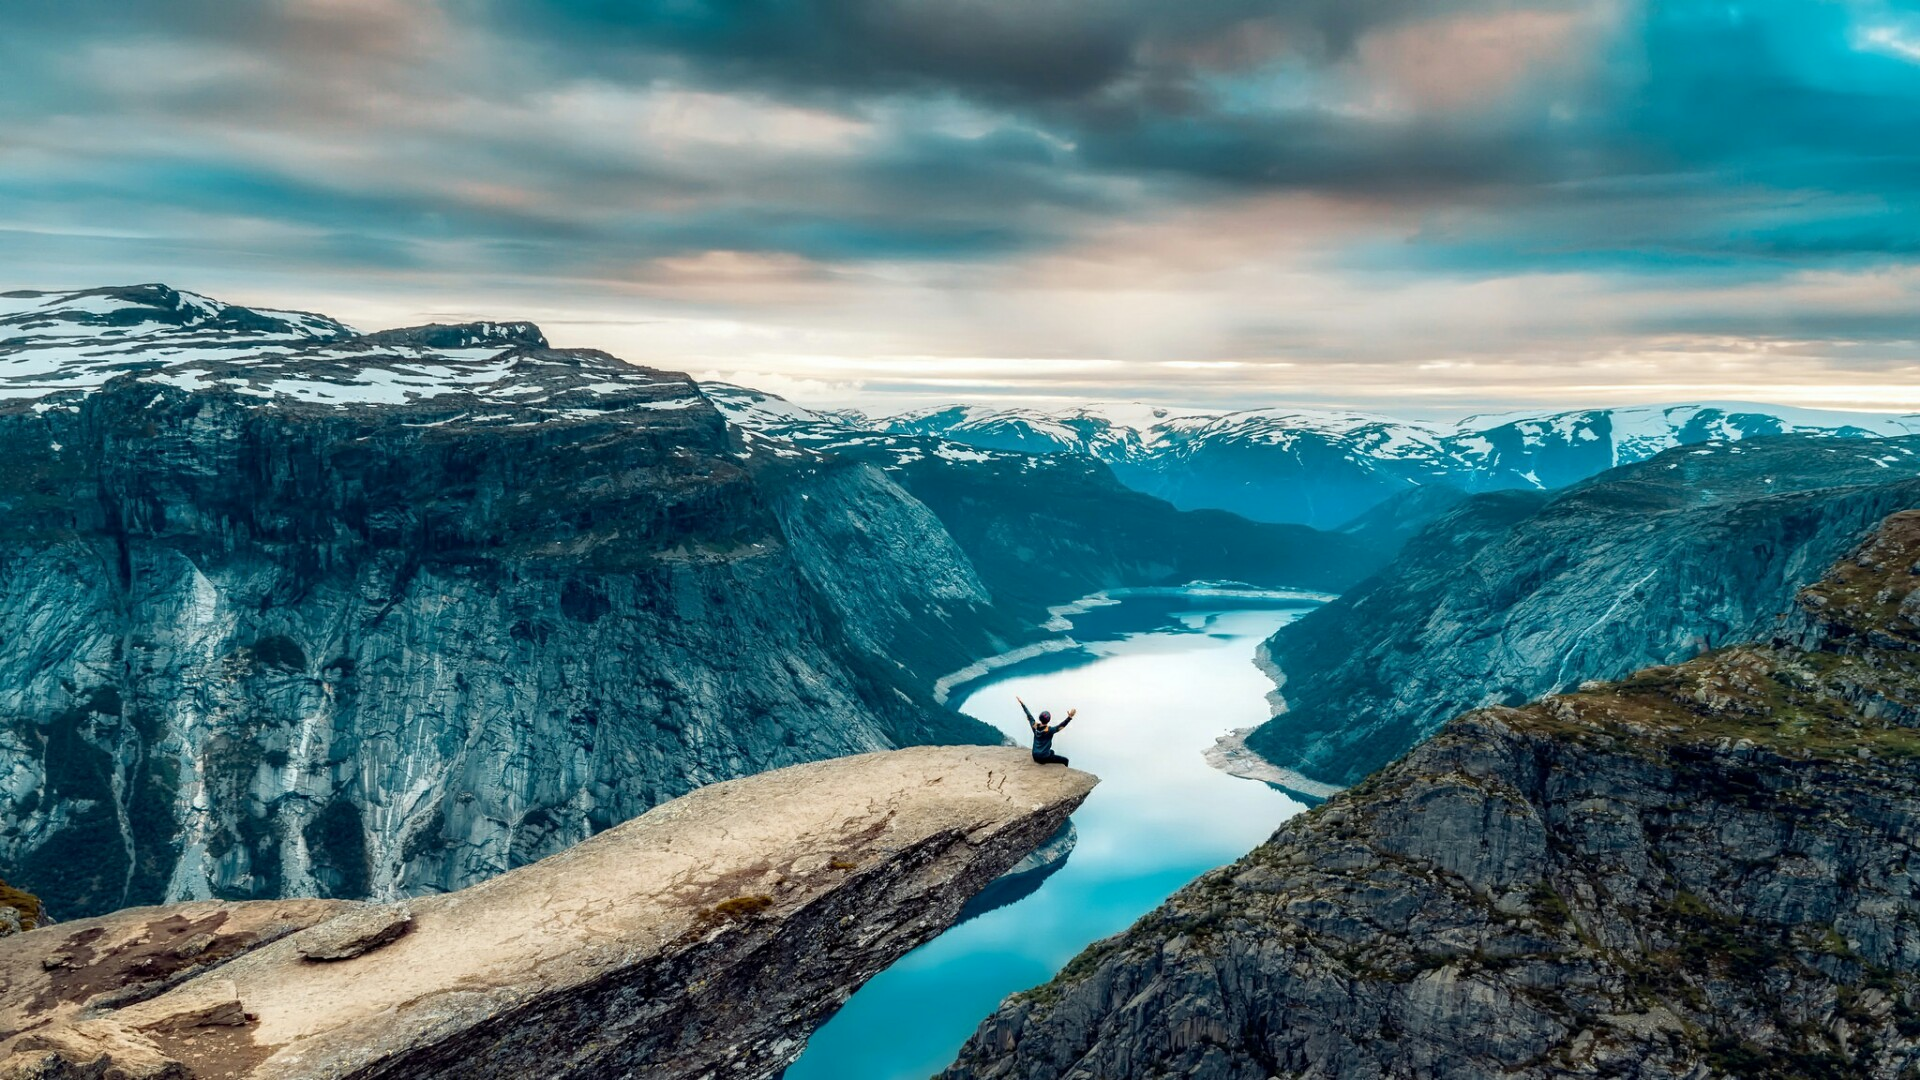 Hardangerfjord in Norway wallpaper